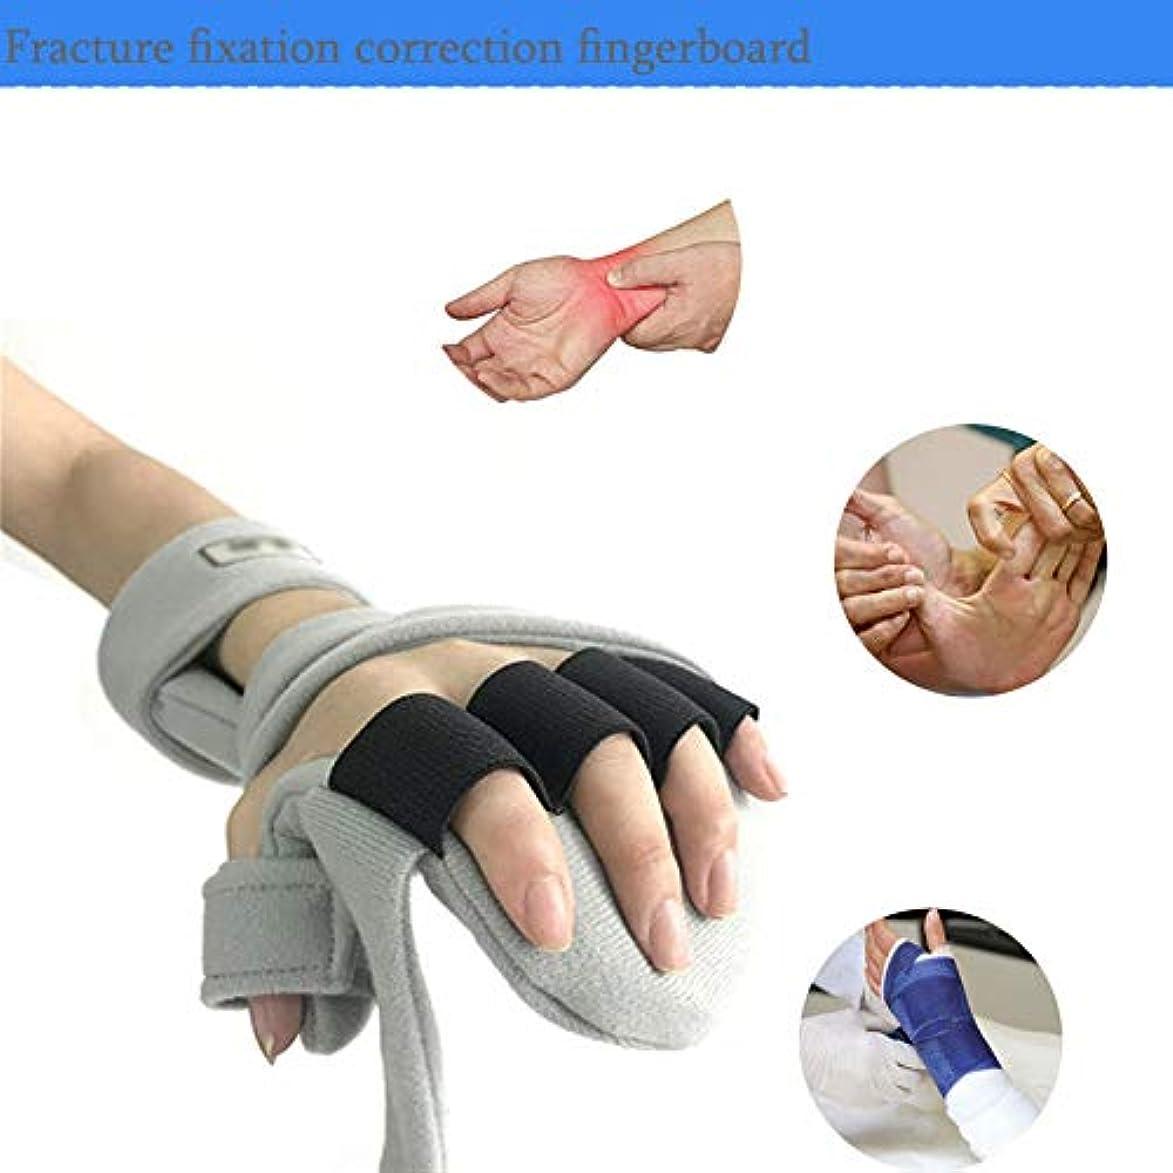 考える郵便屋さん錫親指支持 - ユニバーサルデザインは、手根管、捻挫、ワンサイズのために右または左の手と調節可能な通気性ブレーススプリントに適合します